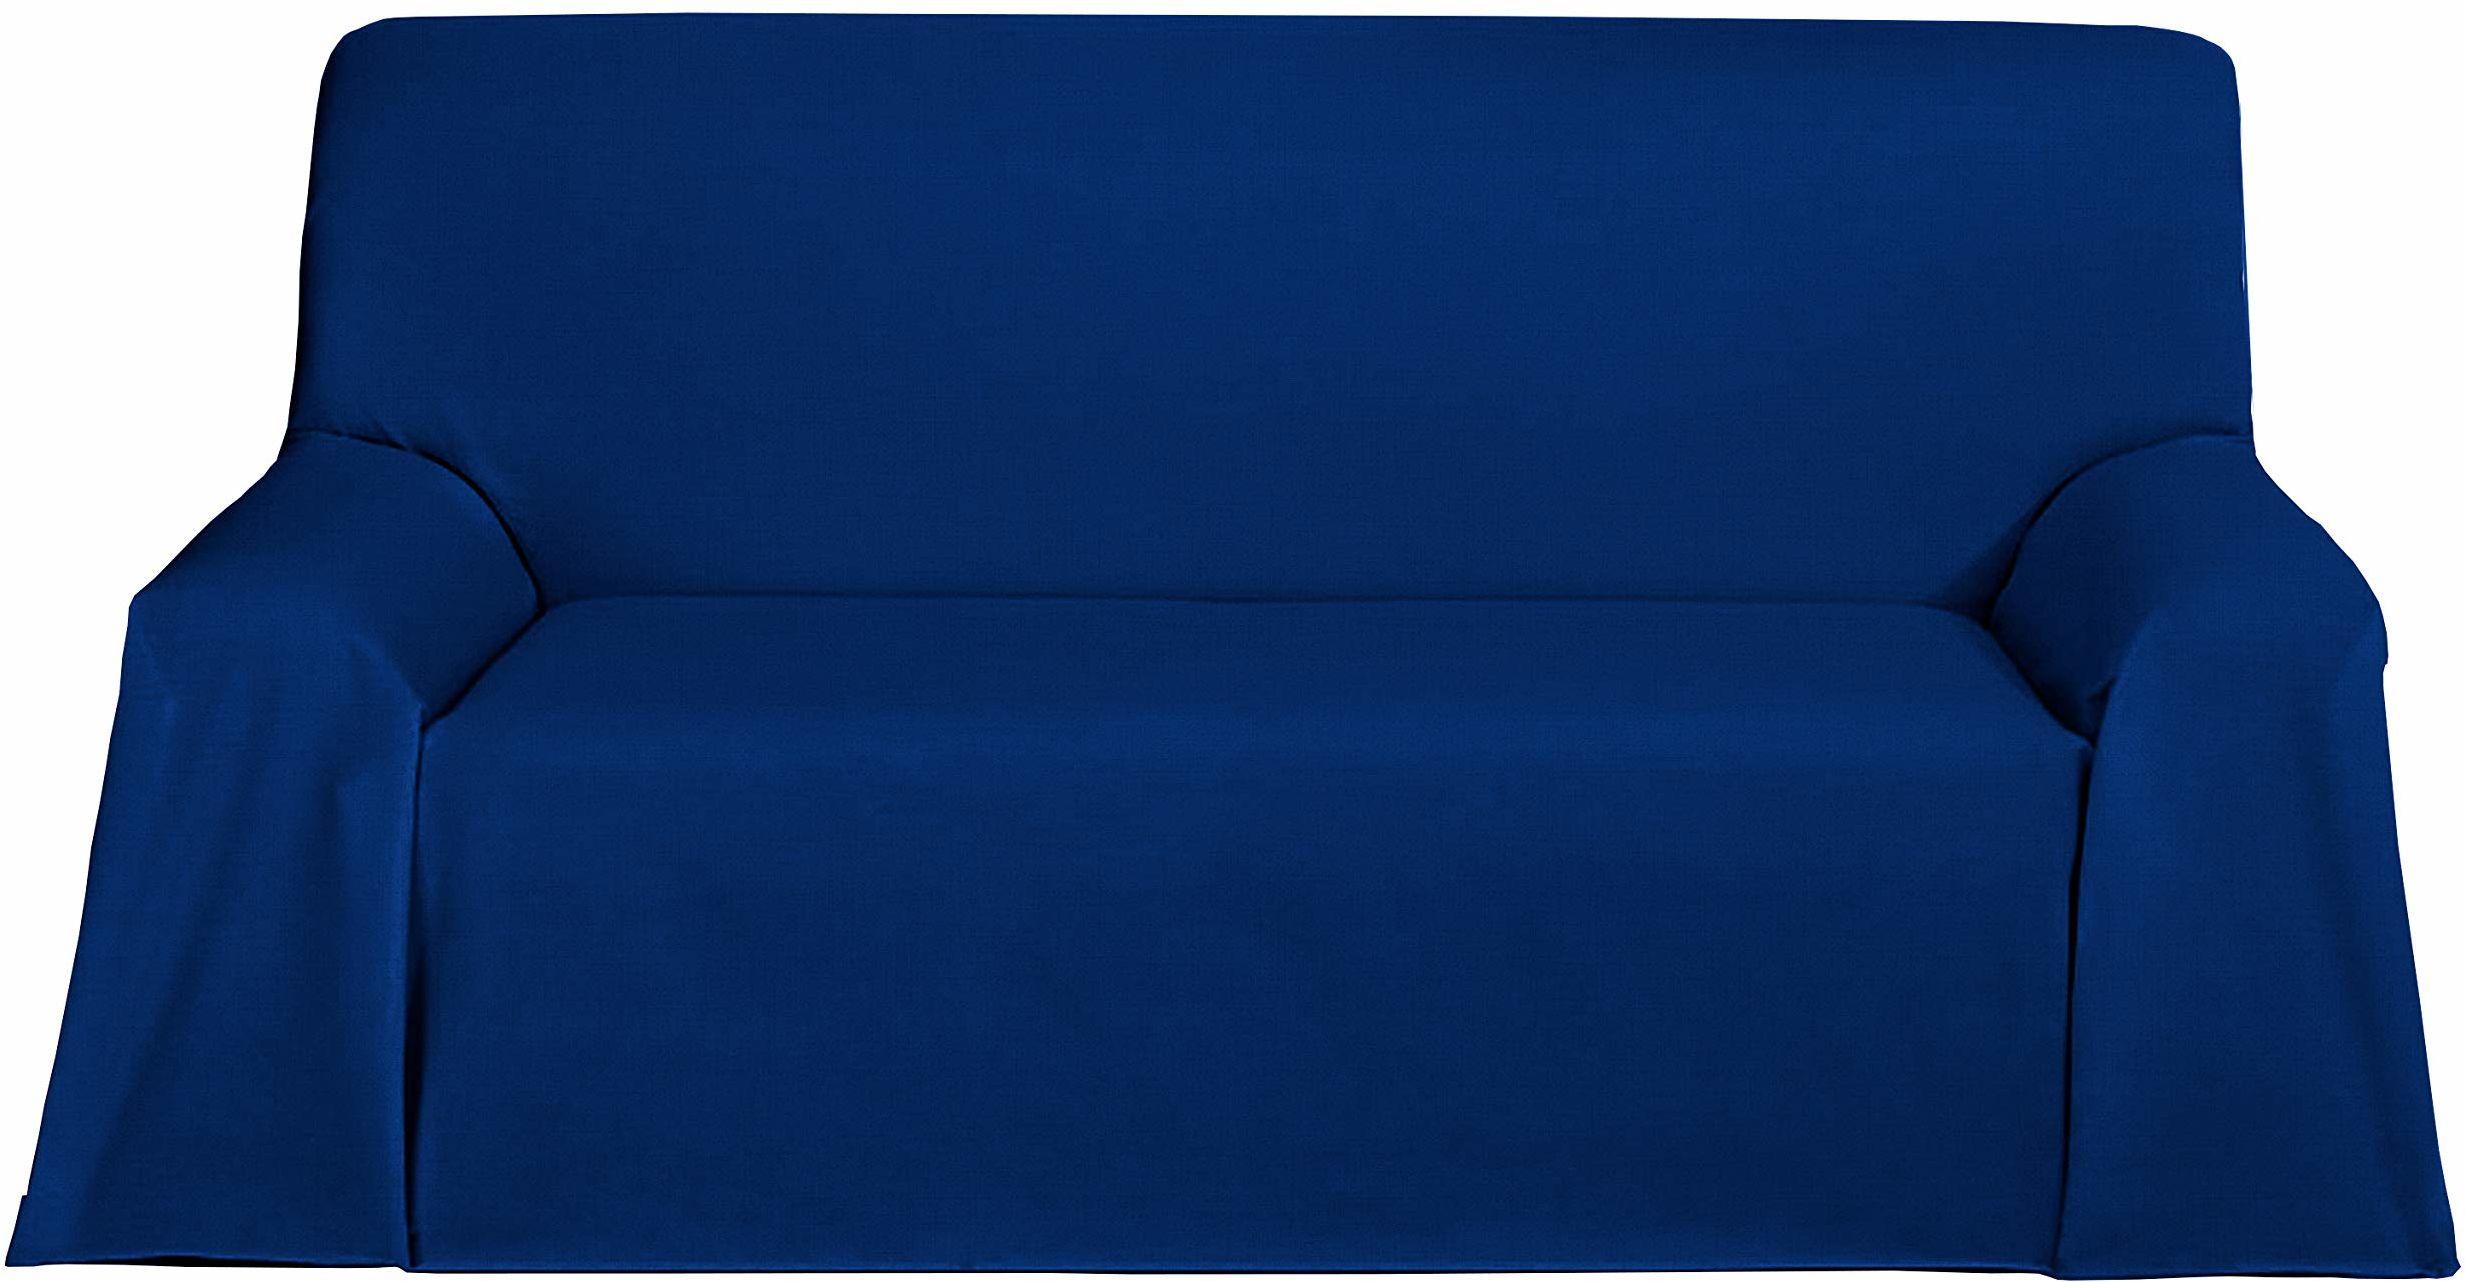 Martina Home Levante Foulard wielofunkcyjny / pled, materiał 180x130x1 cm granatowy